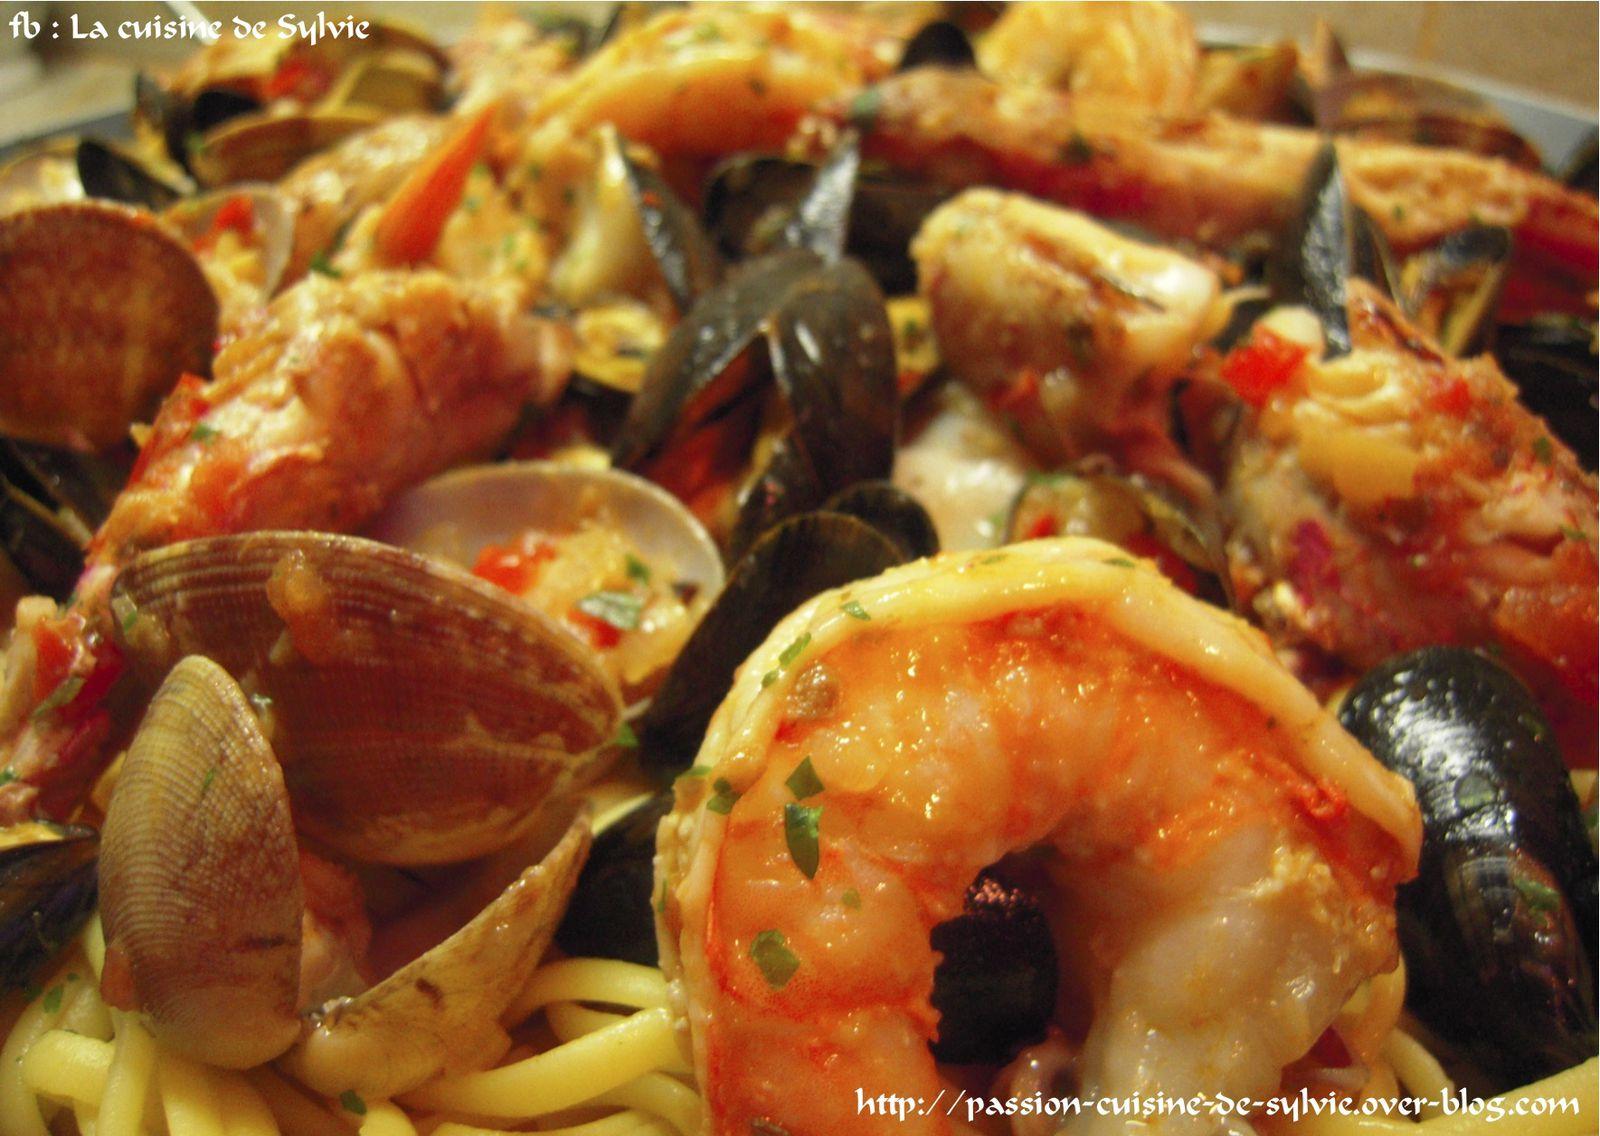 P tes de l 39 amiral recette du chef bernard coloma passion cuisine de - Passion de cuisine over blog com ...